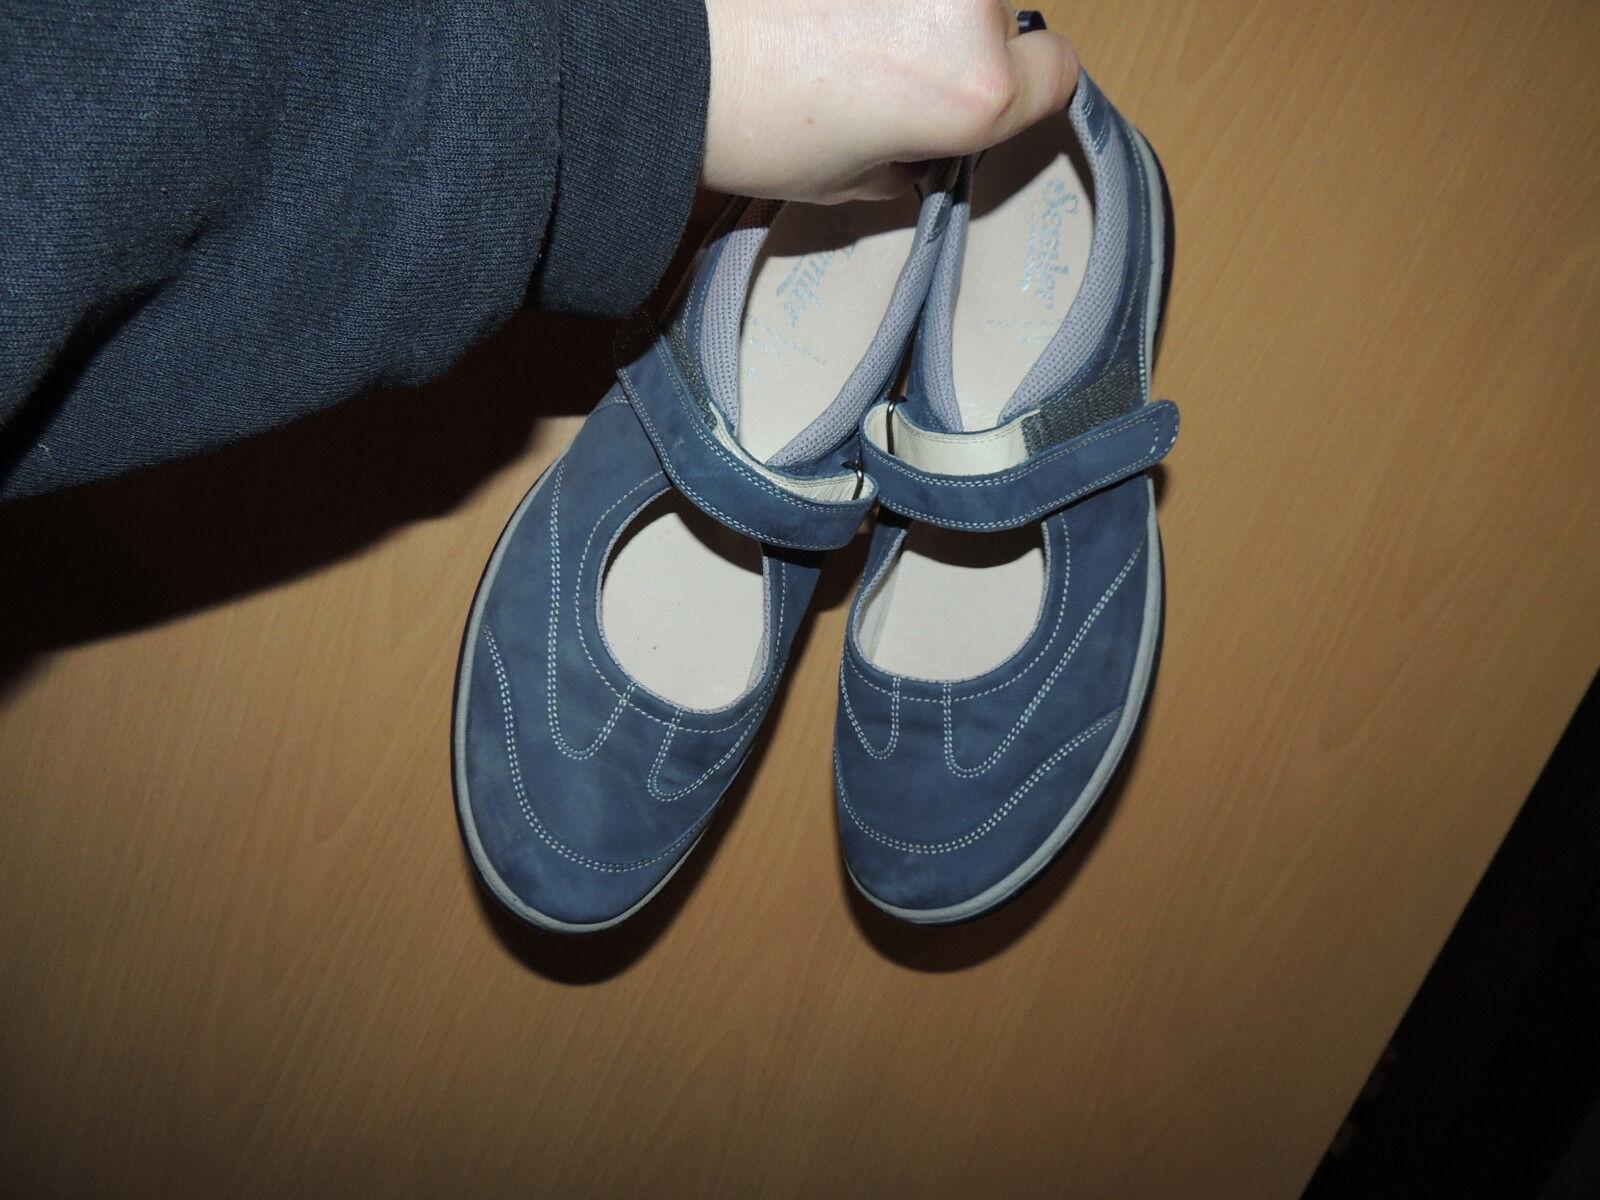 Neue Damenschuhe Schuhe Semler Gr 9,5 Weite H Neuware Sneakers